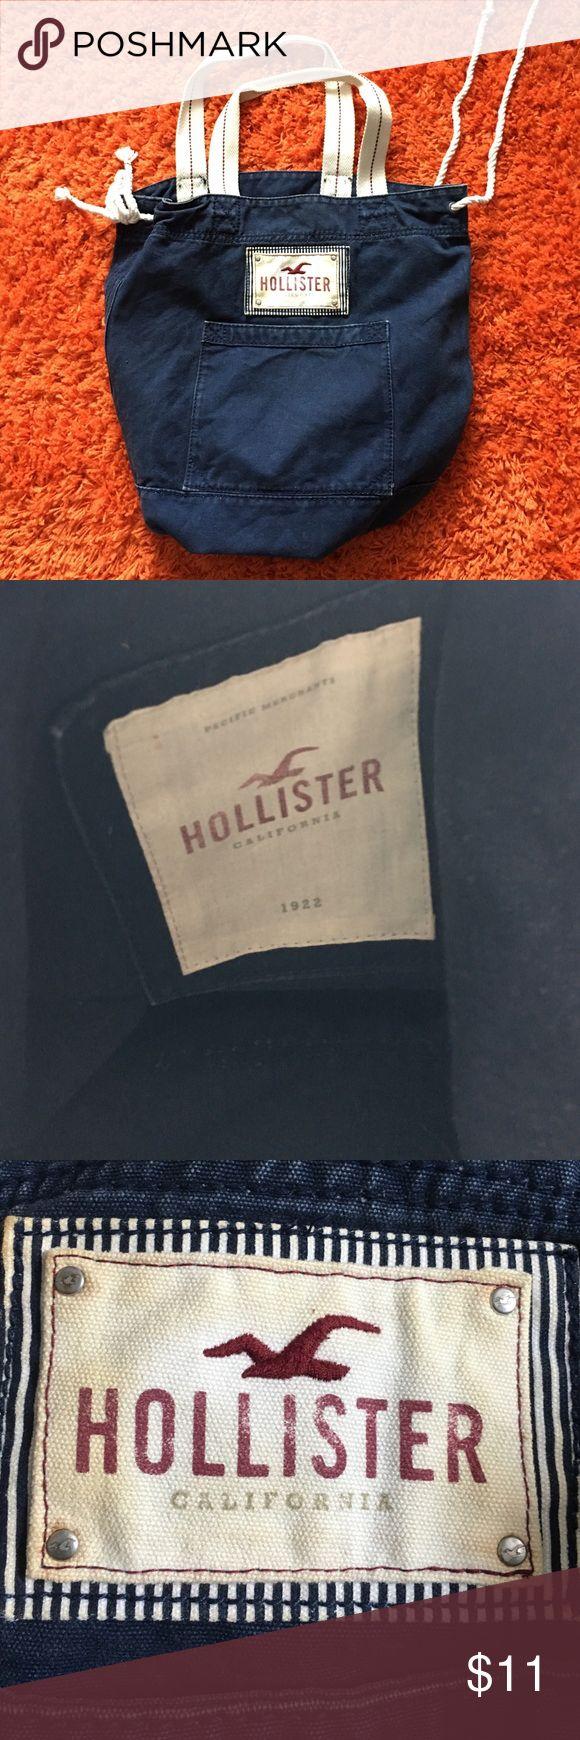 Hollister bag Hollister tote bag. Hollister Bags Totes